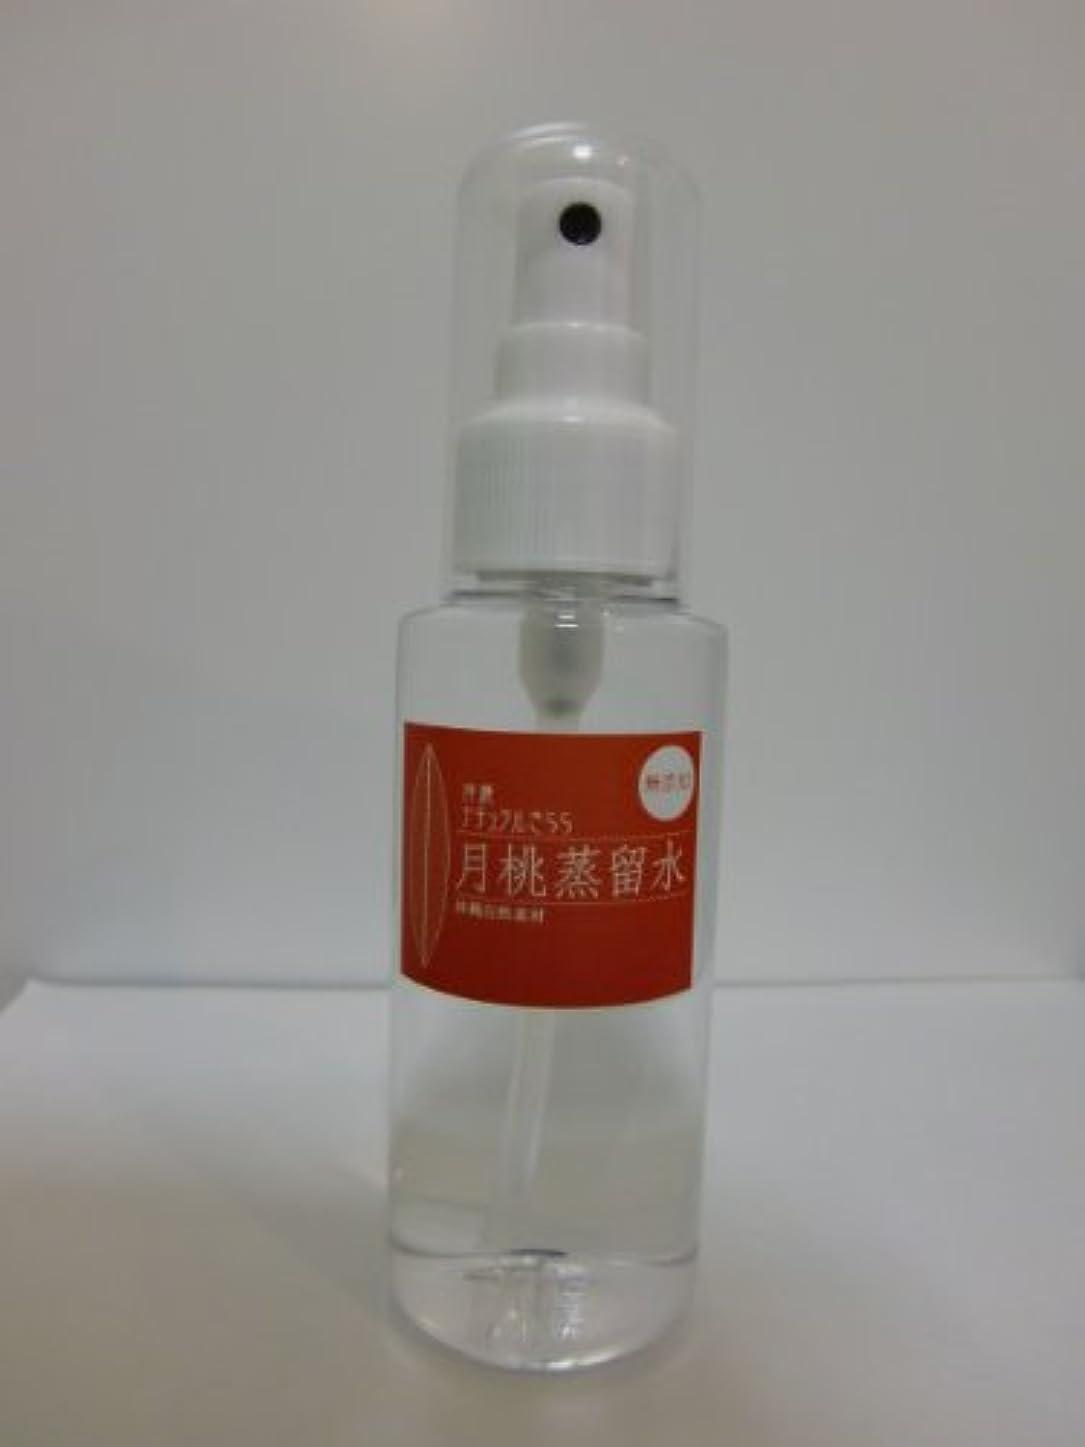 ますますパトロール構造新?月桃蒸留水(200ml)